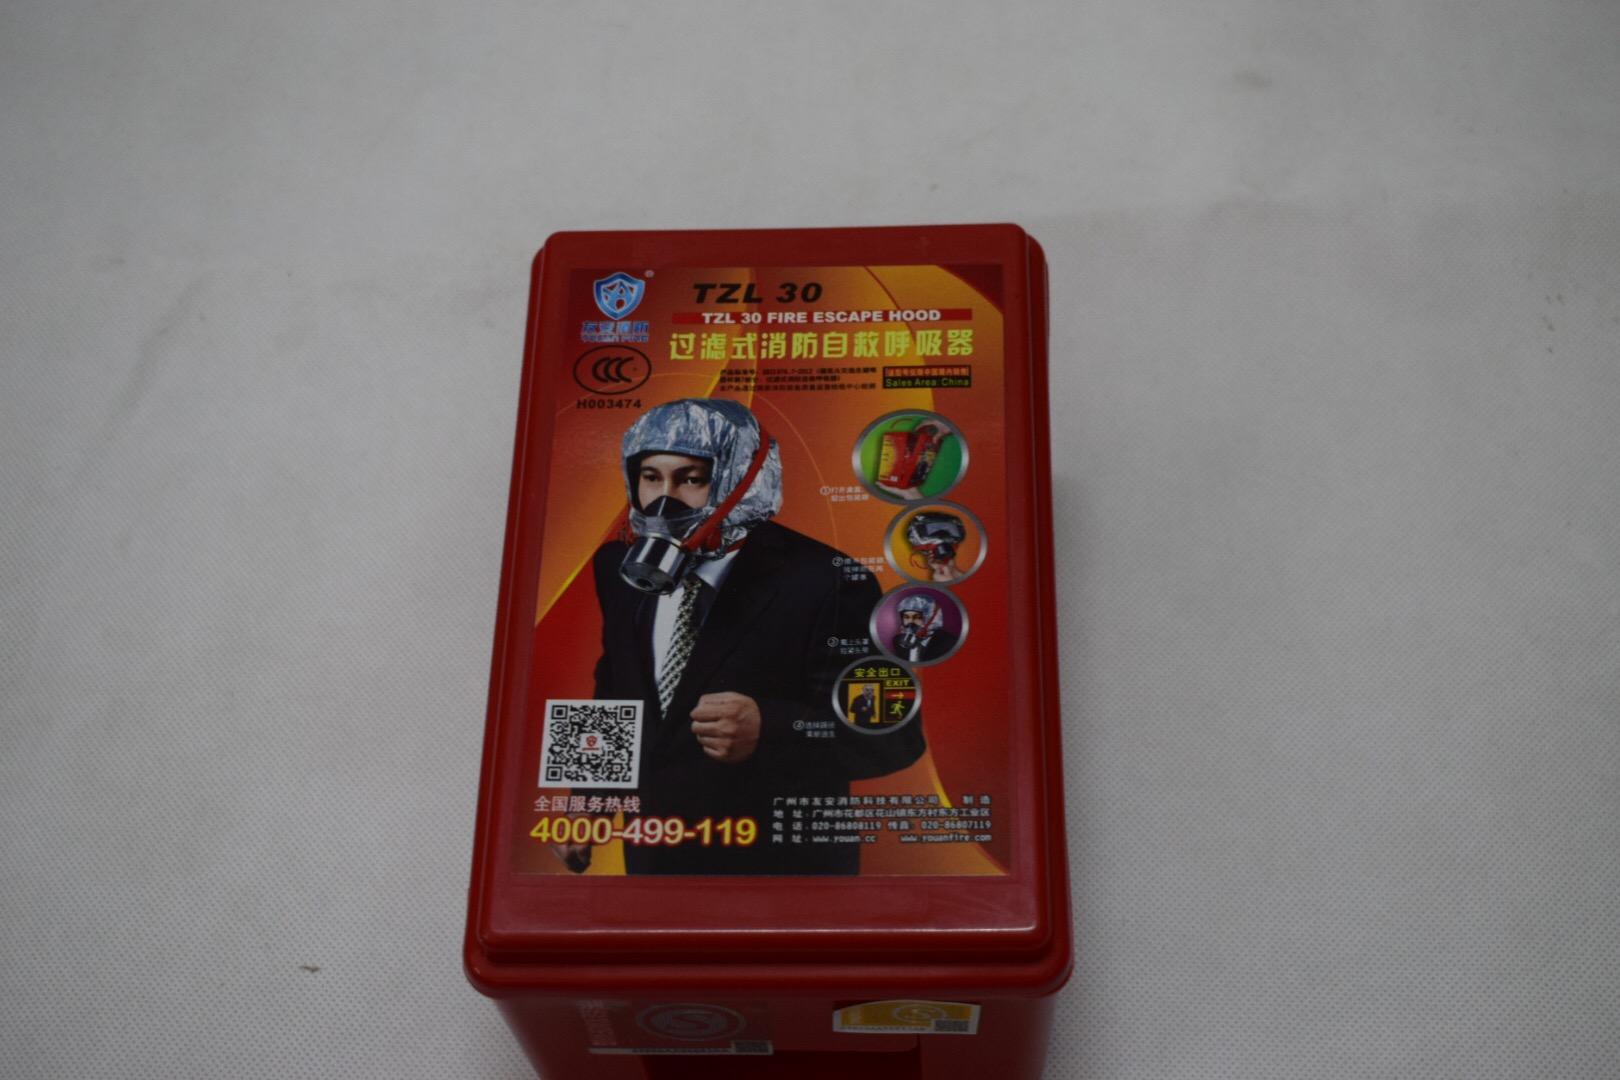 供应防毒面具生产厂家直销 供应商报价 一手货源 防毒面具